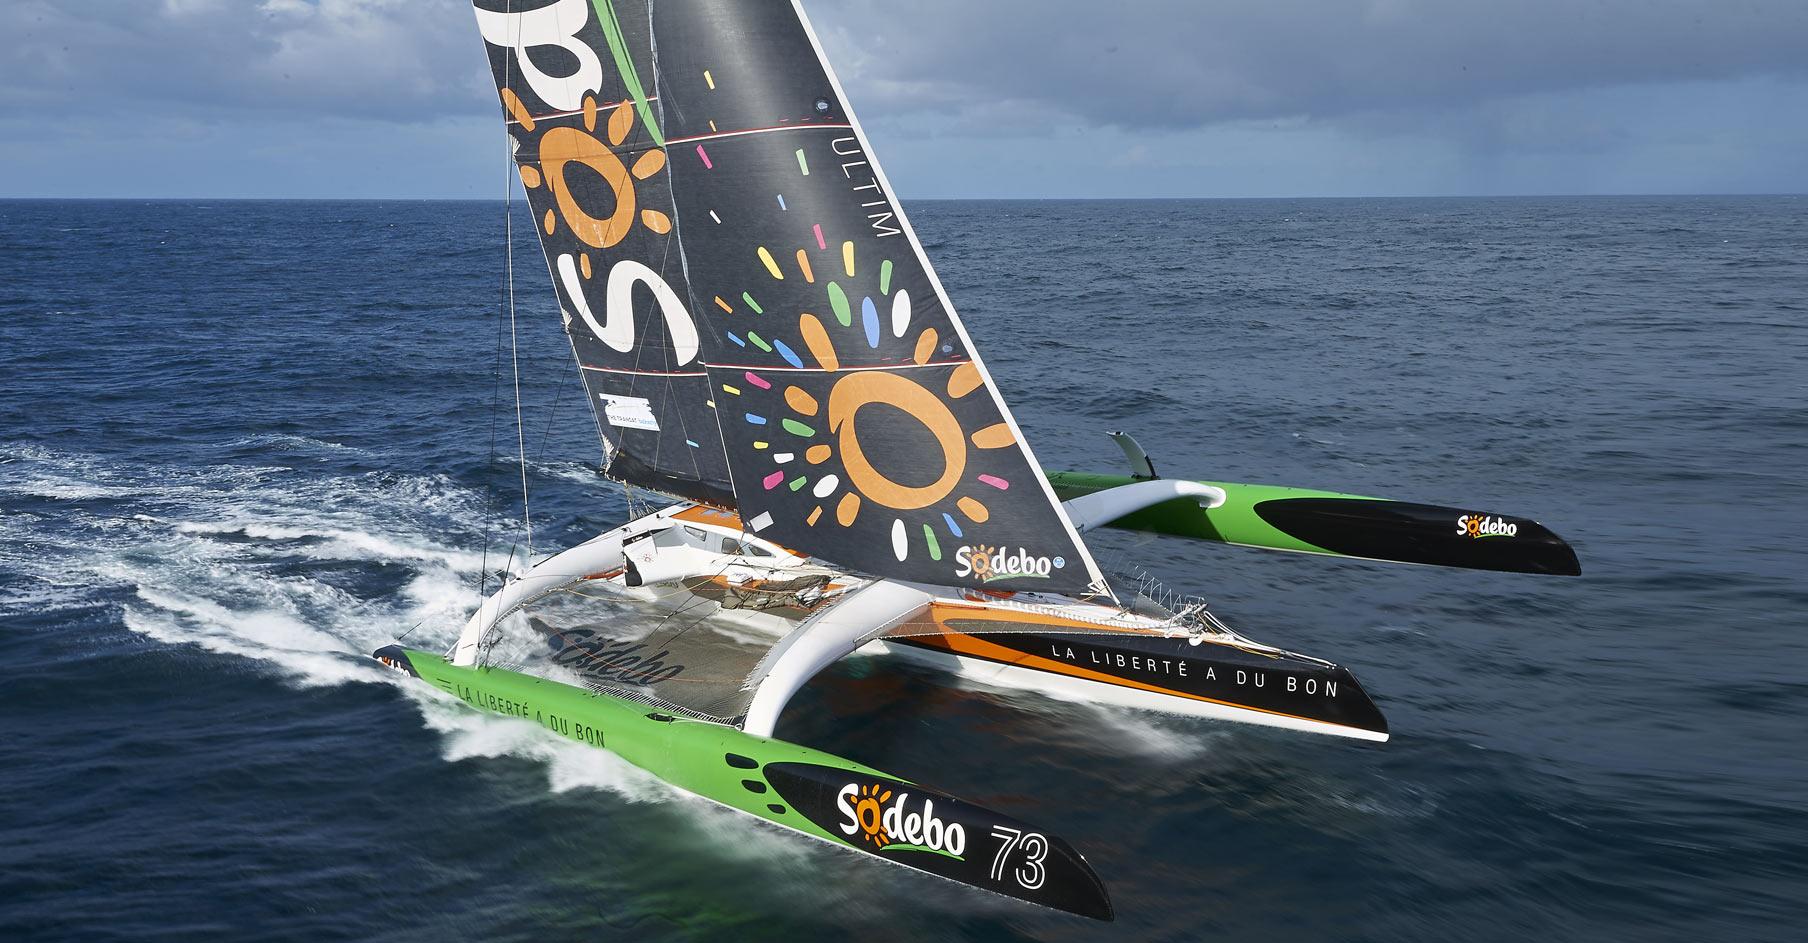 Sailing record